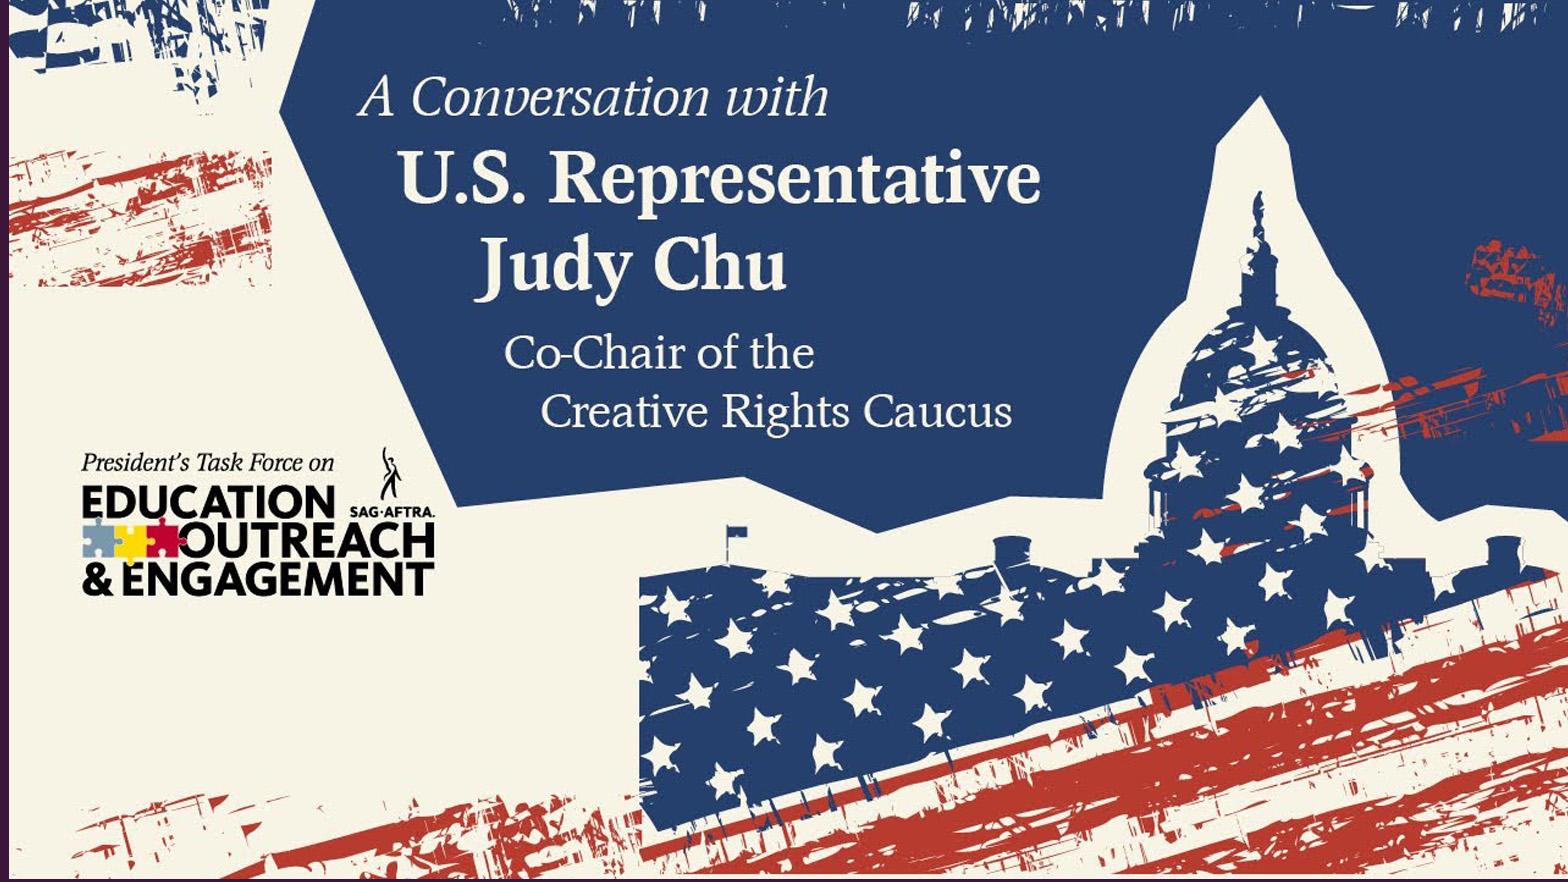 """Silueta roja, blanca y azul del capitolio estatal con """"Una conservación con la representante de Estados Unidos Judy Chu, copresidenta del Comité de Derechos Creativos"""" en los dos tercios superiores"""